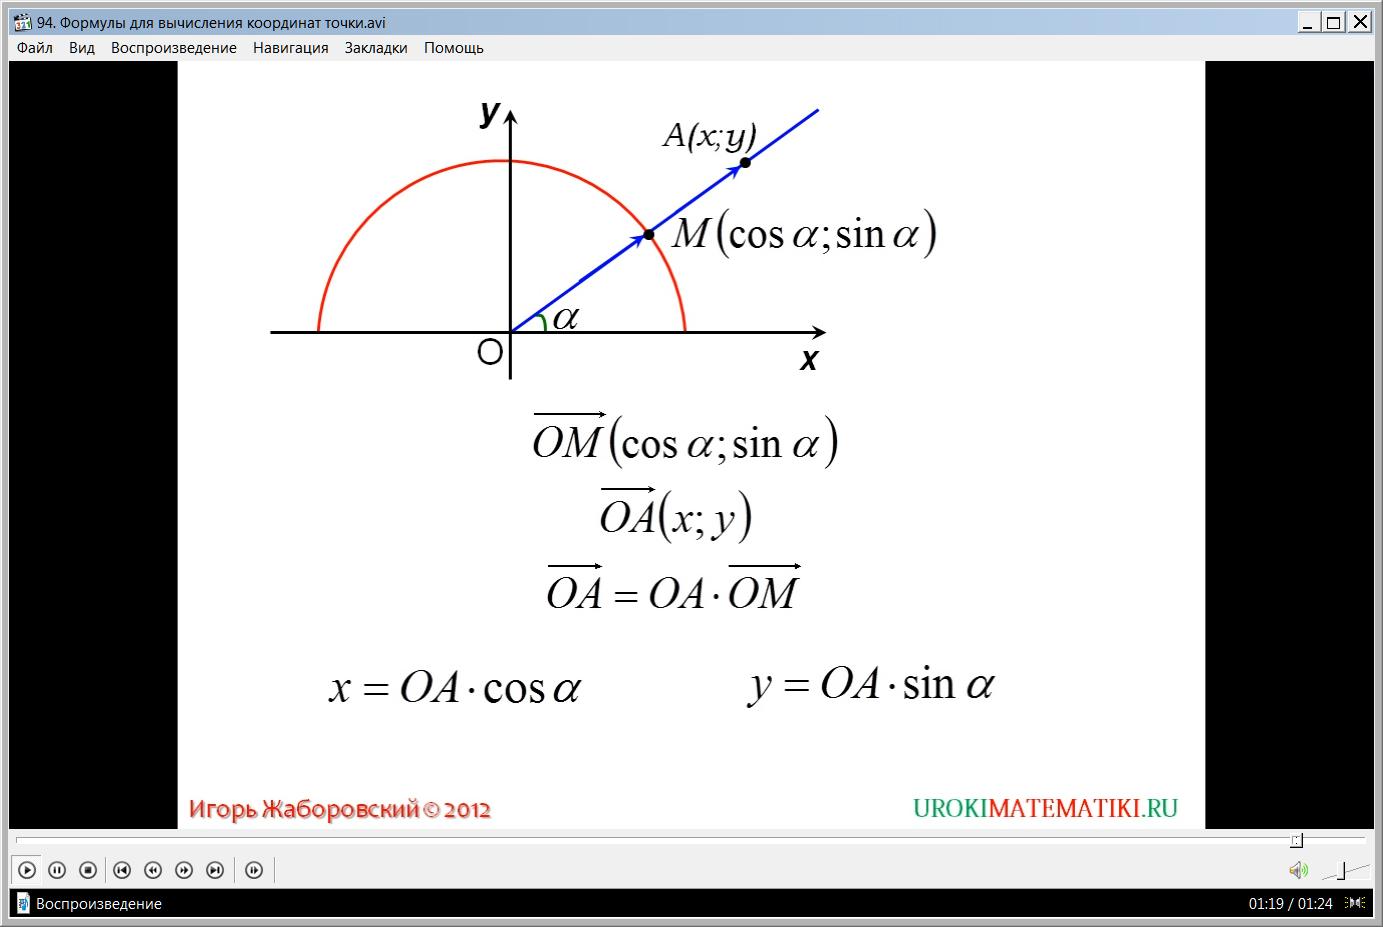 """Урок """"Формулы для вычисления координат точки"""""""